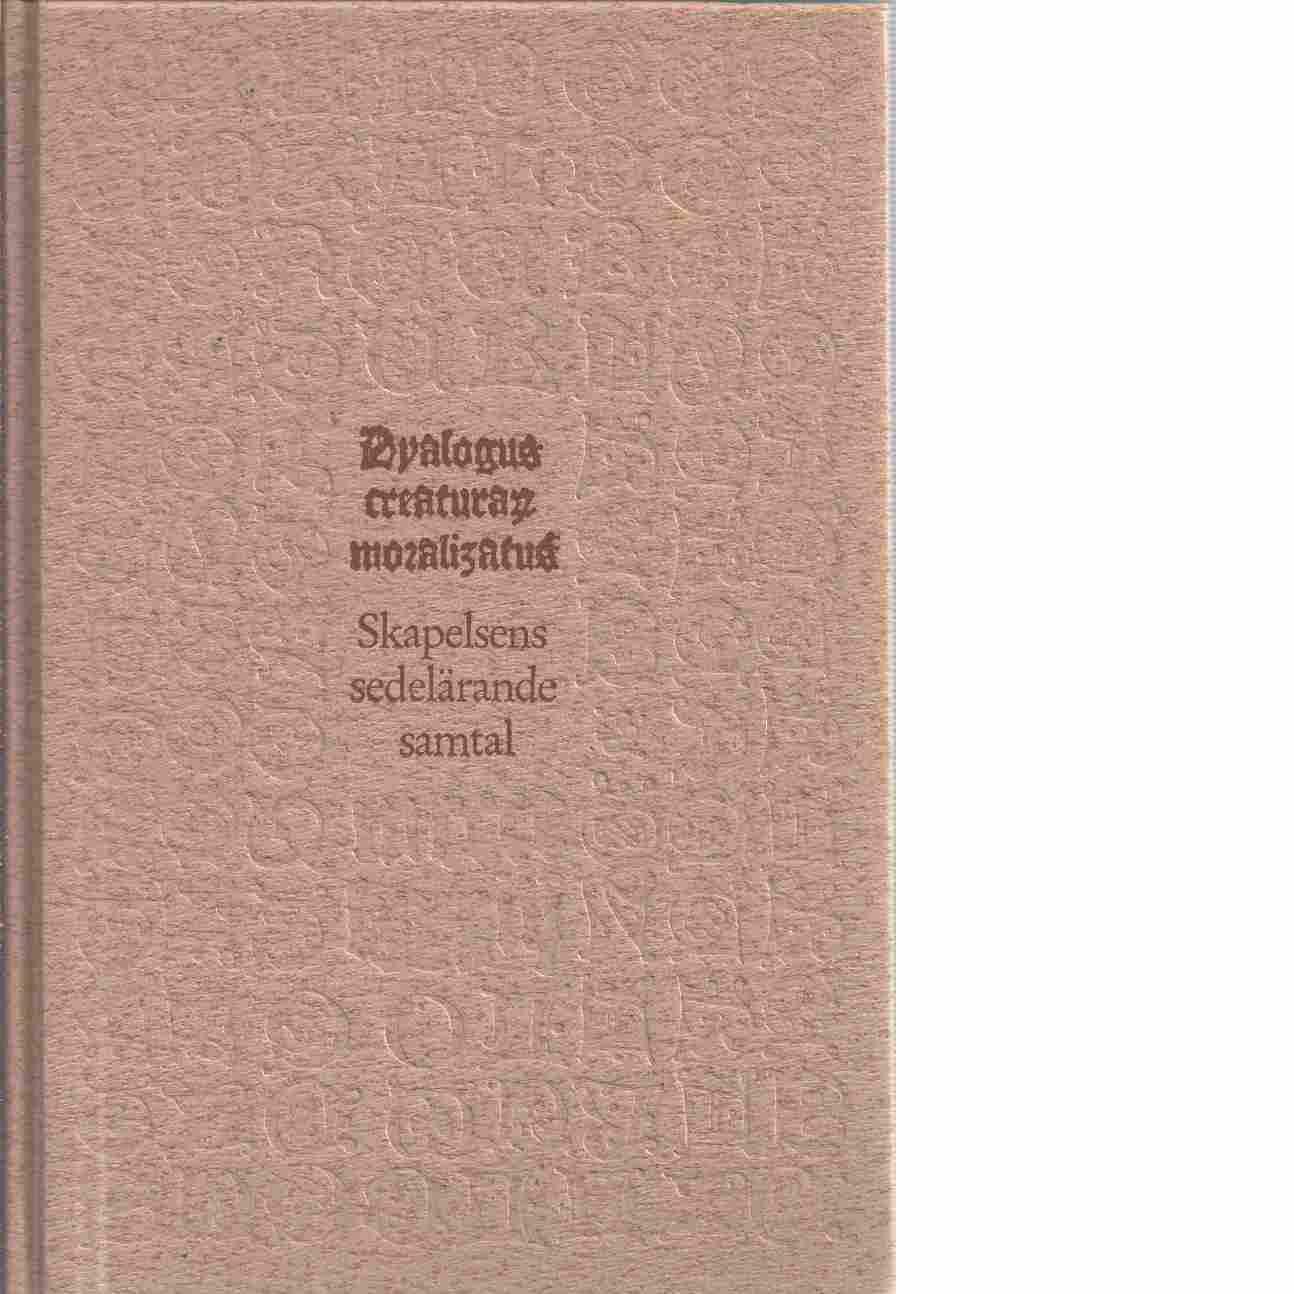 Dyalogus creaturarum moralizatus 1483 : Skapelsens sedelärande samtal 1483 - Red. Bernström, John